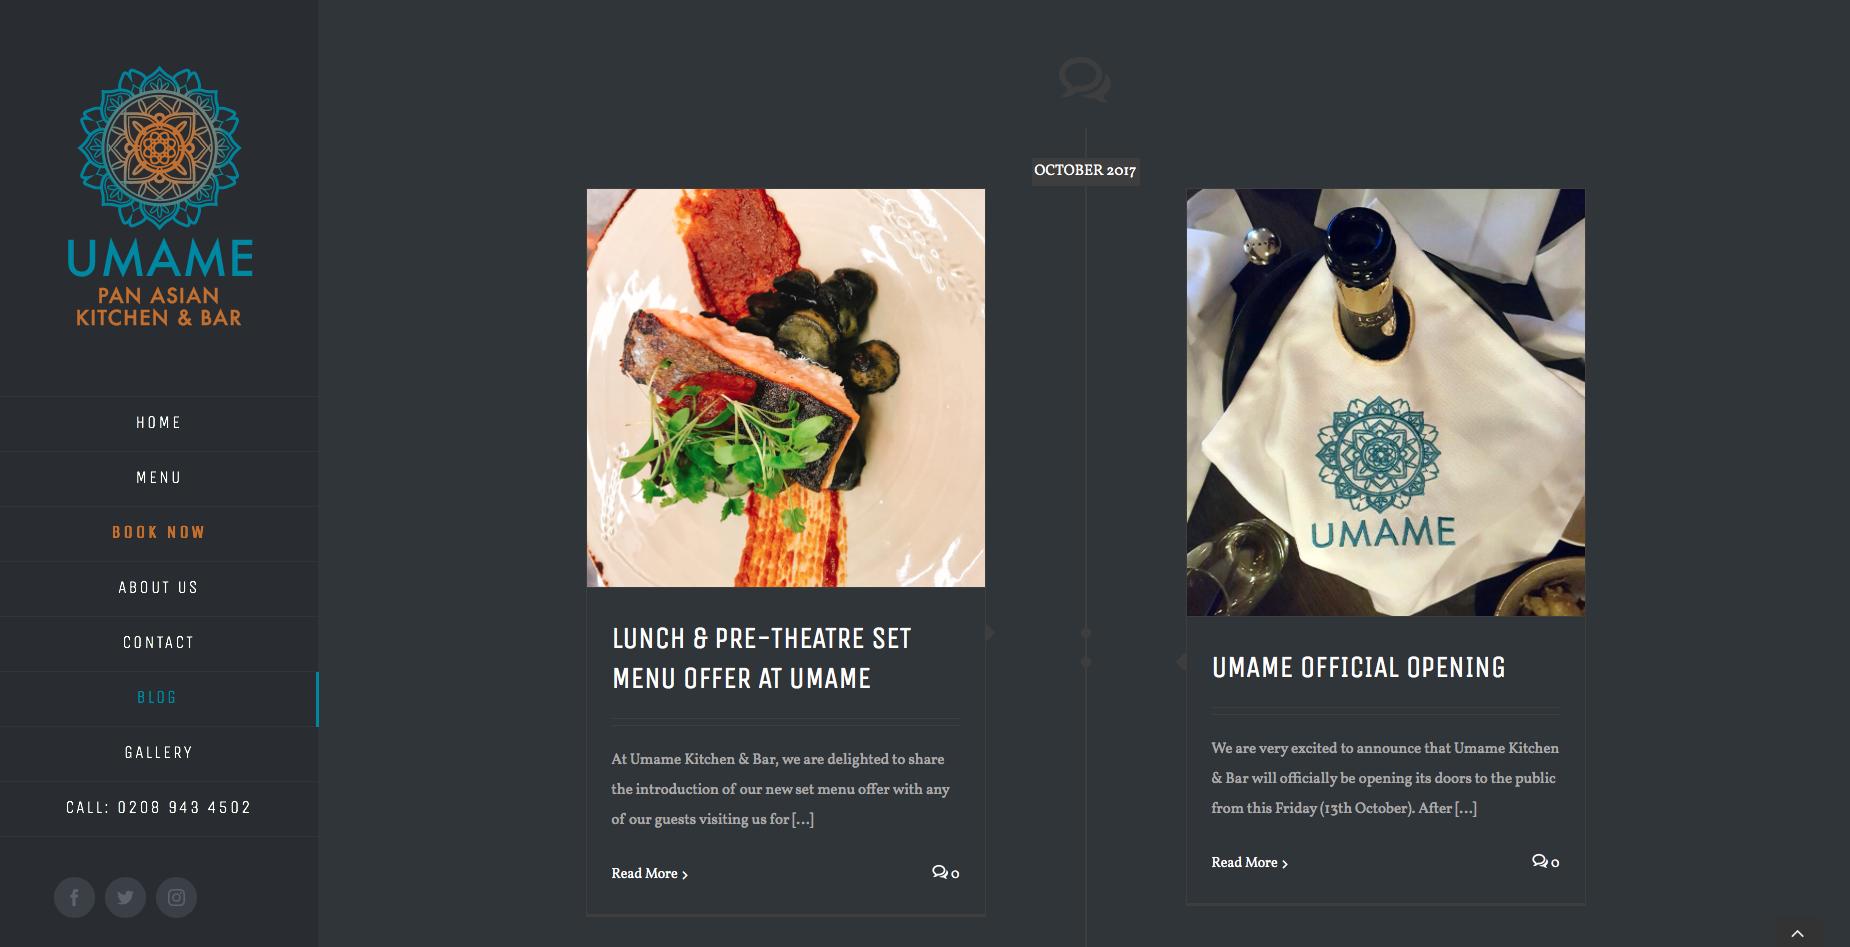 Blog page from UMAME website design